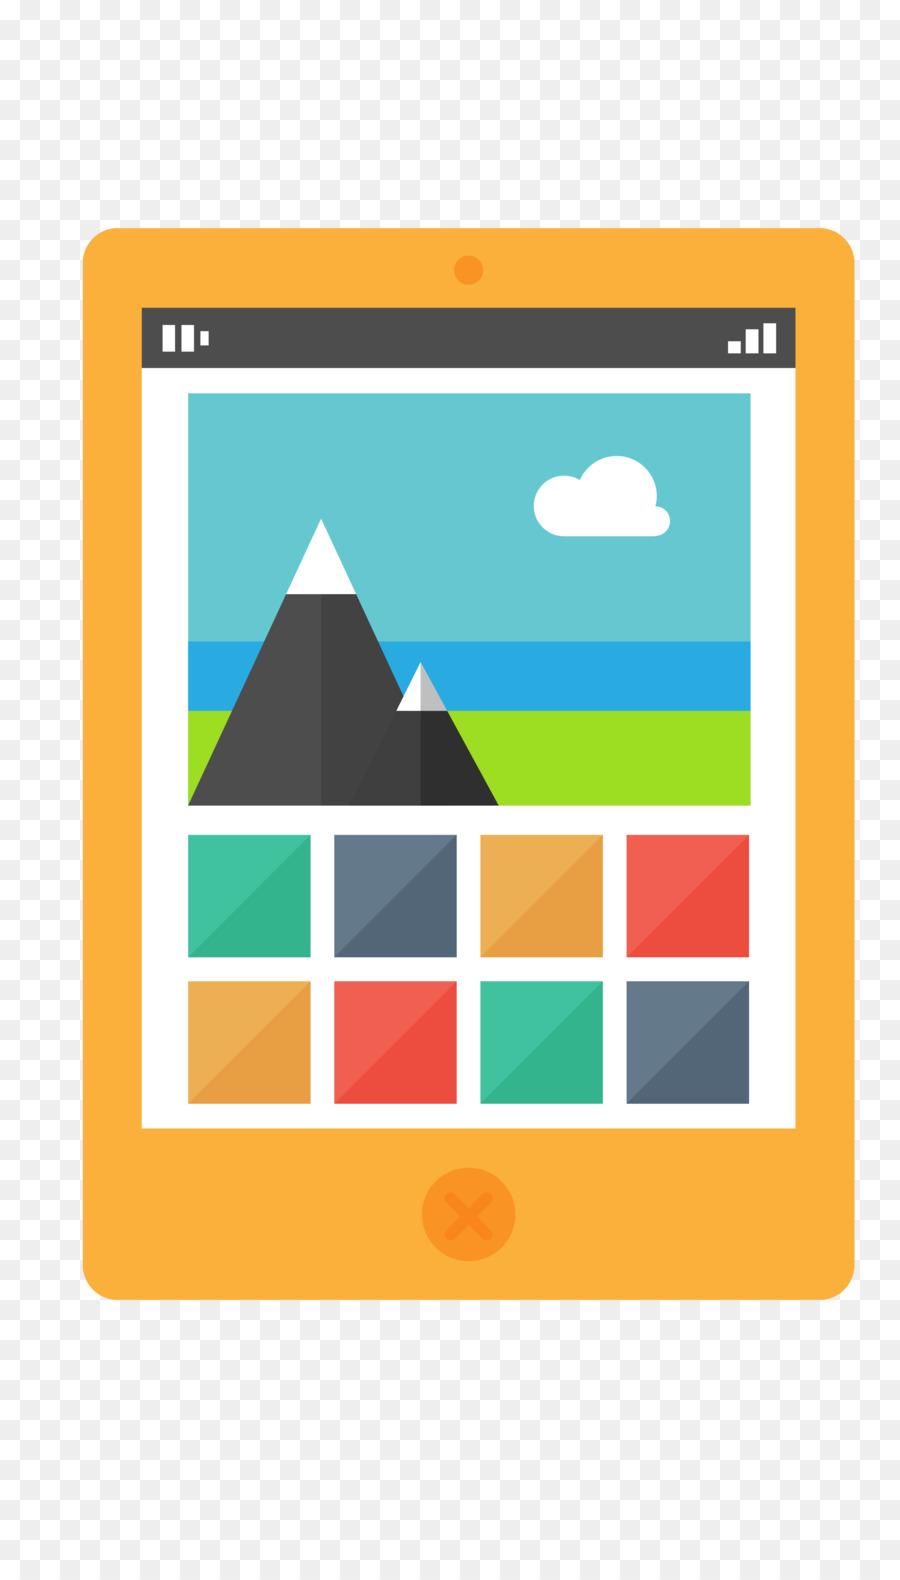 Descarga gratuita de Diseño Web, World Wide Web, Sitio Web imágenes PNG